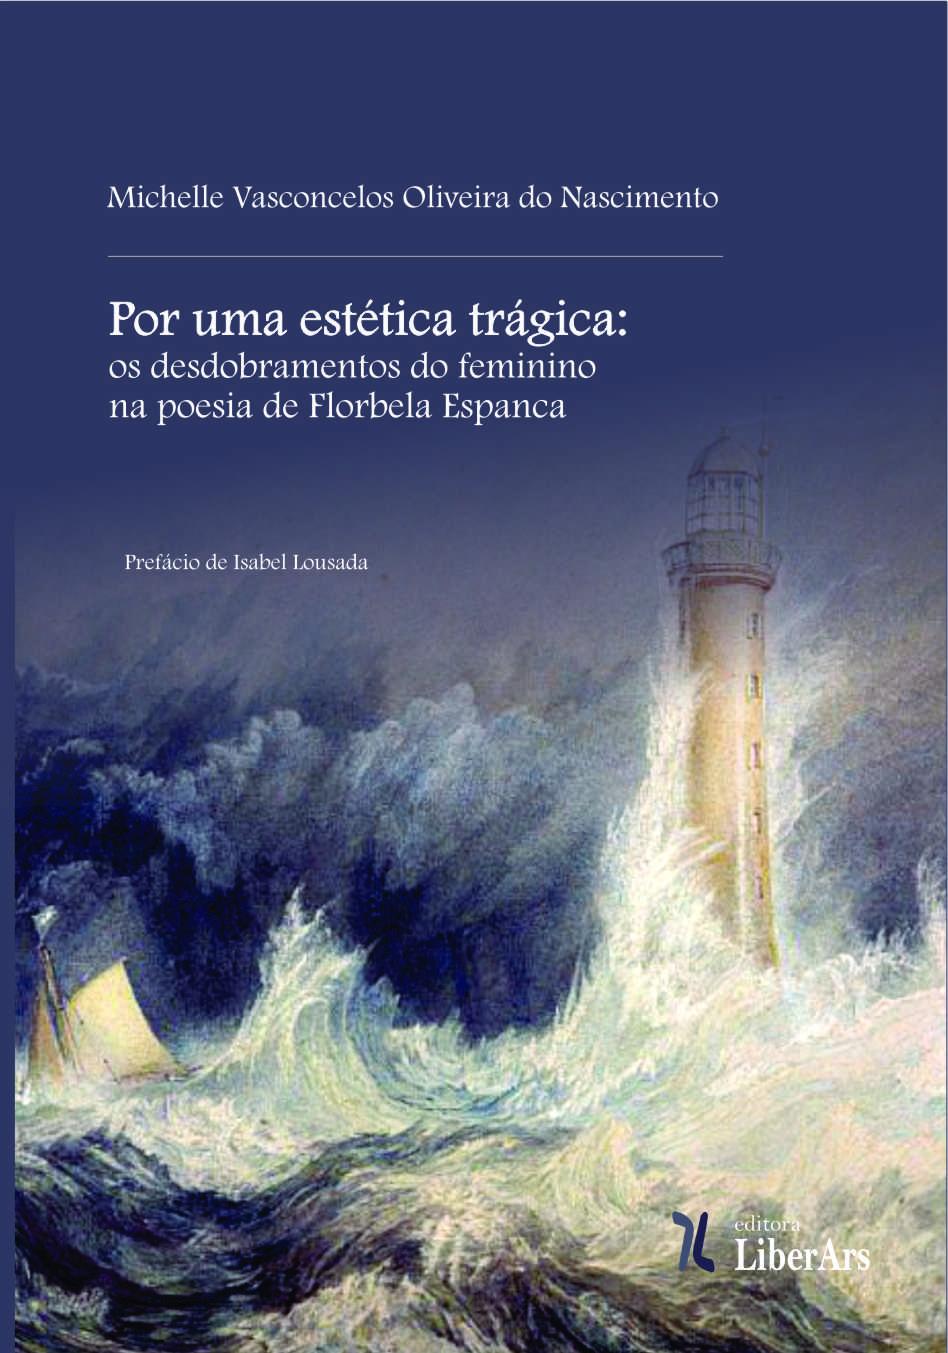 Por uma estética trágica: os desdobramentos do feminino na poesia de Florbela Espanca, livro de Michelle Vasconcelos Oliveira do Nascimento